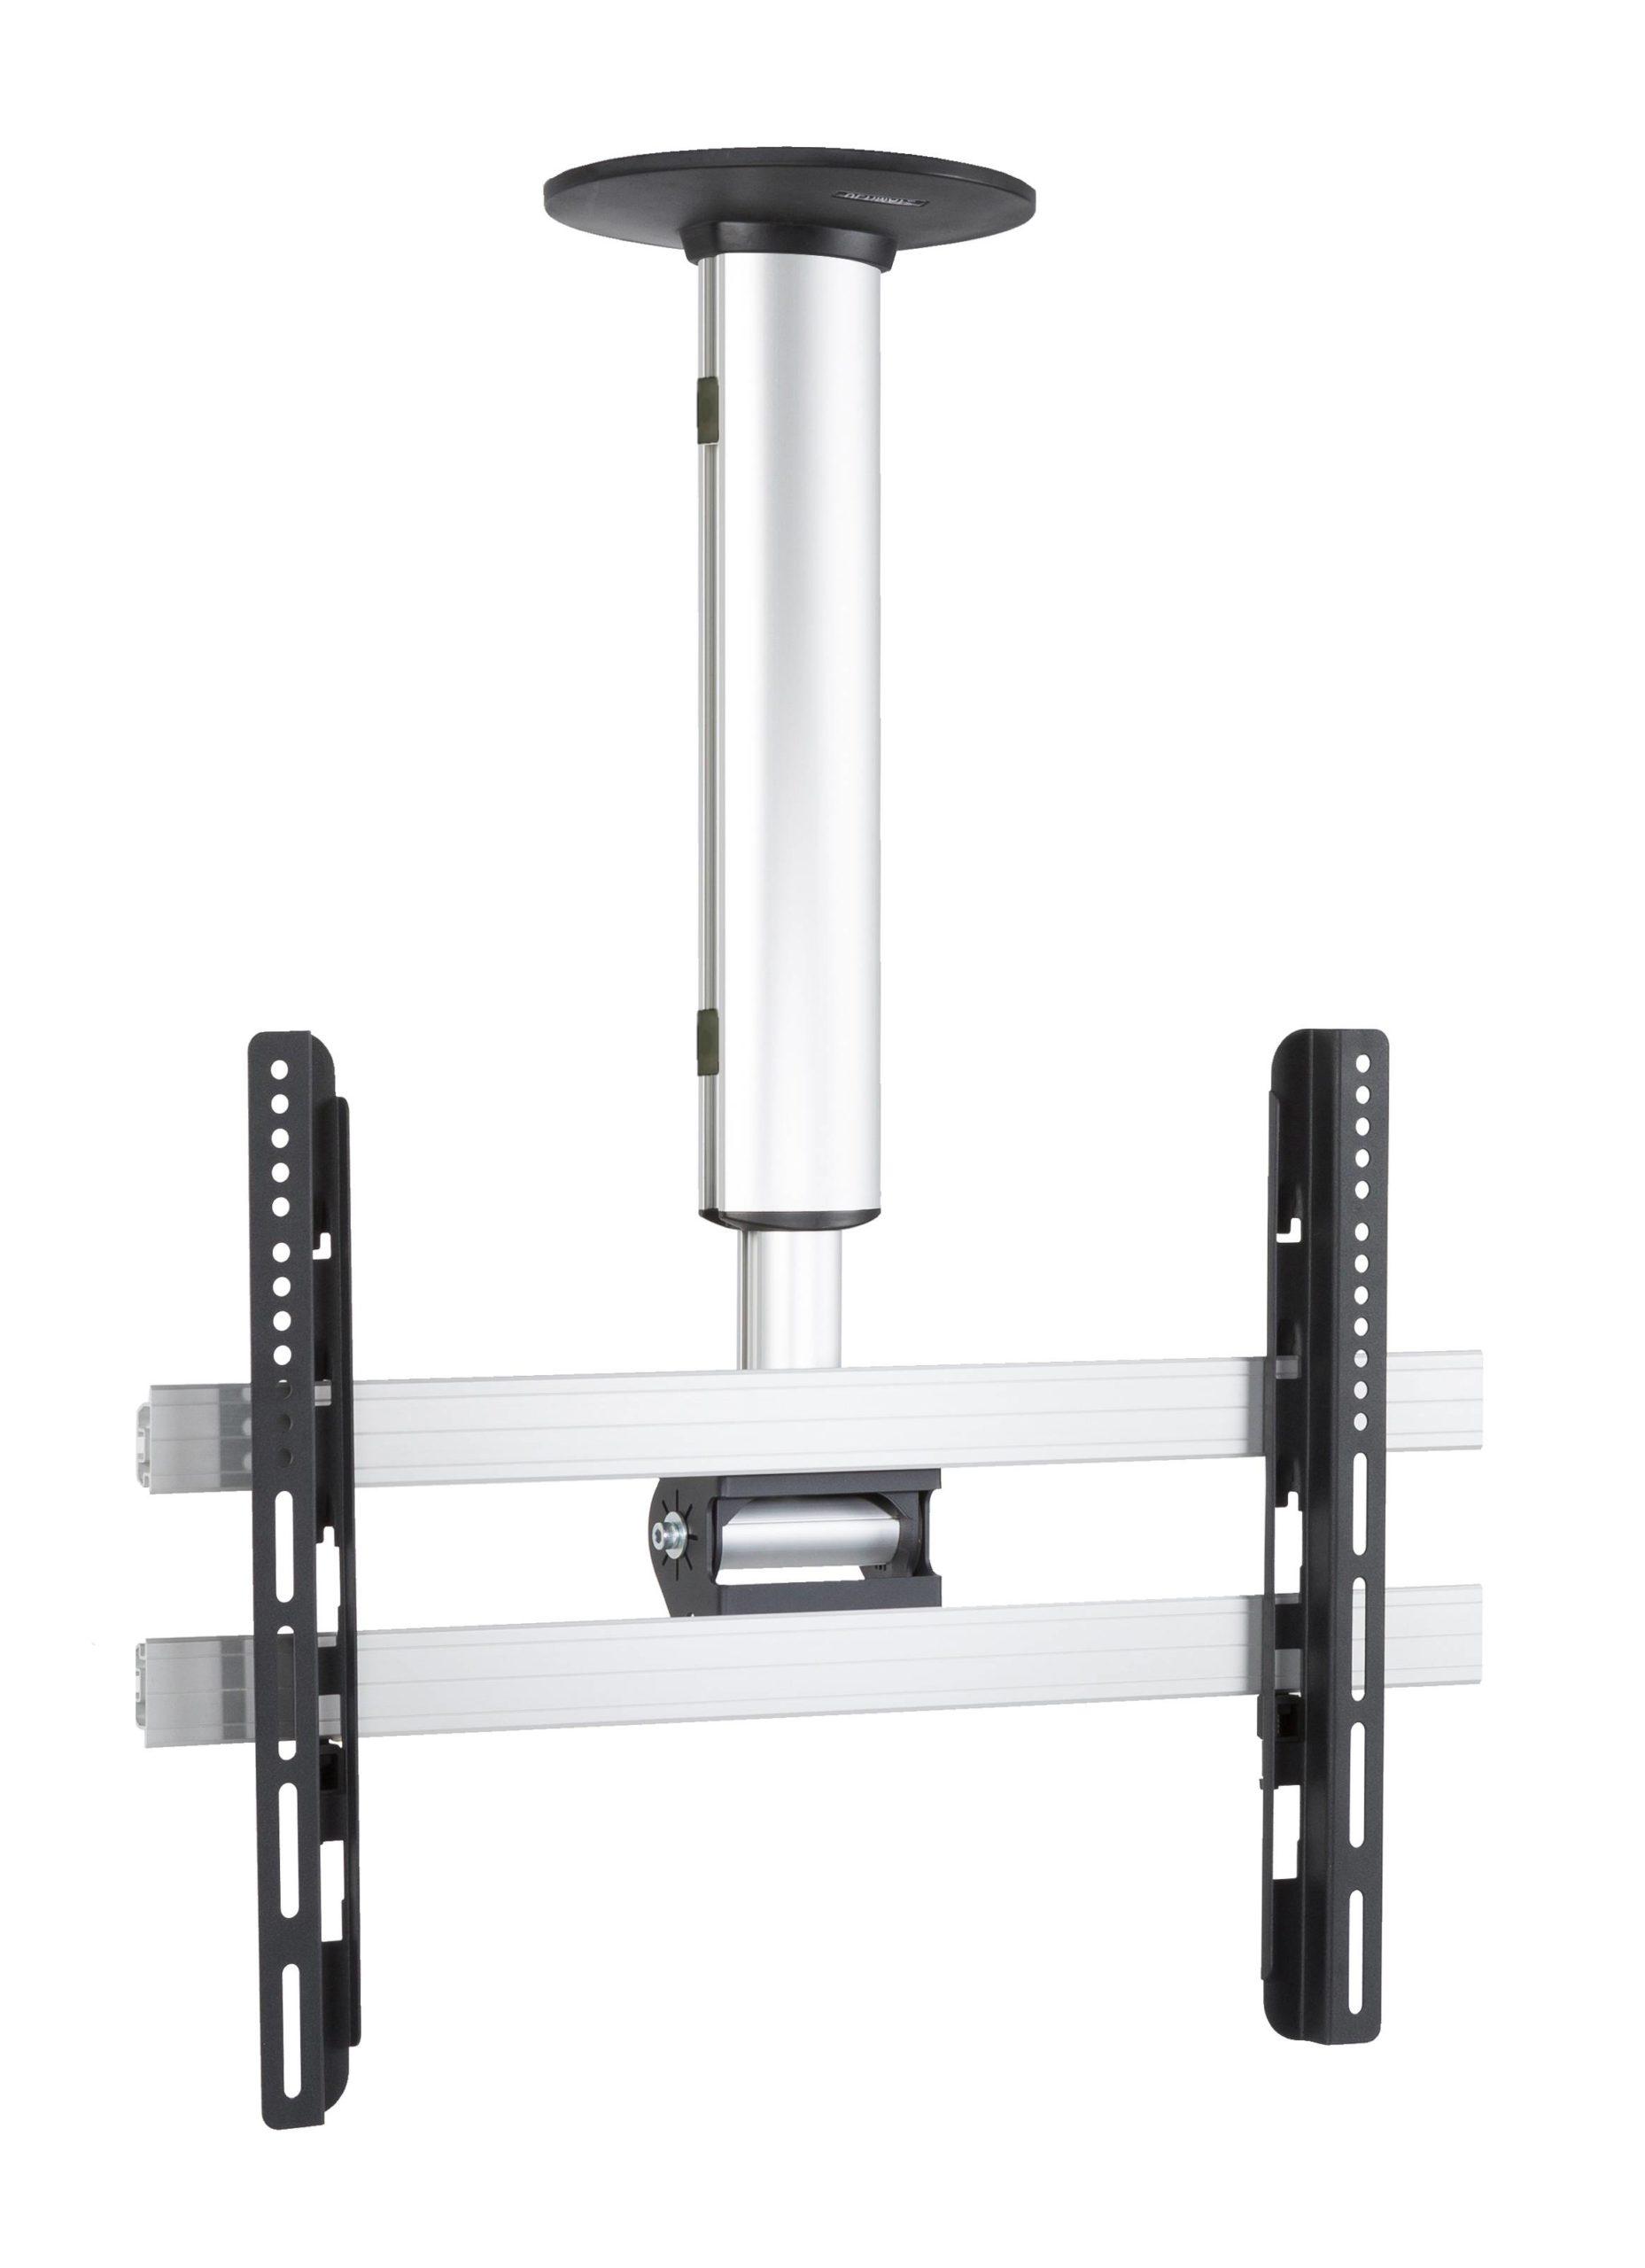 VCM Deckenhalterung CM 4 Mini günstig online kaufen